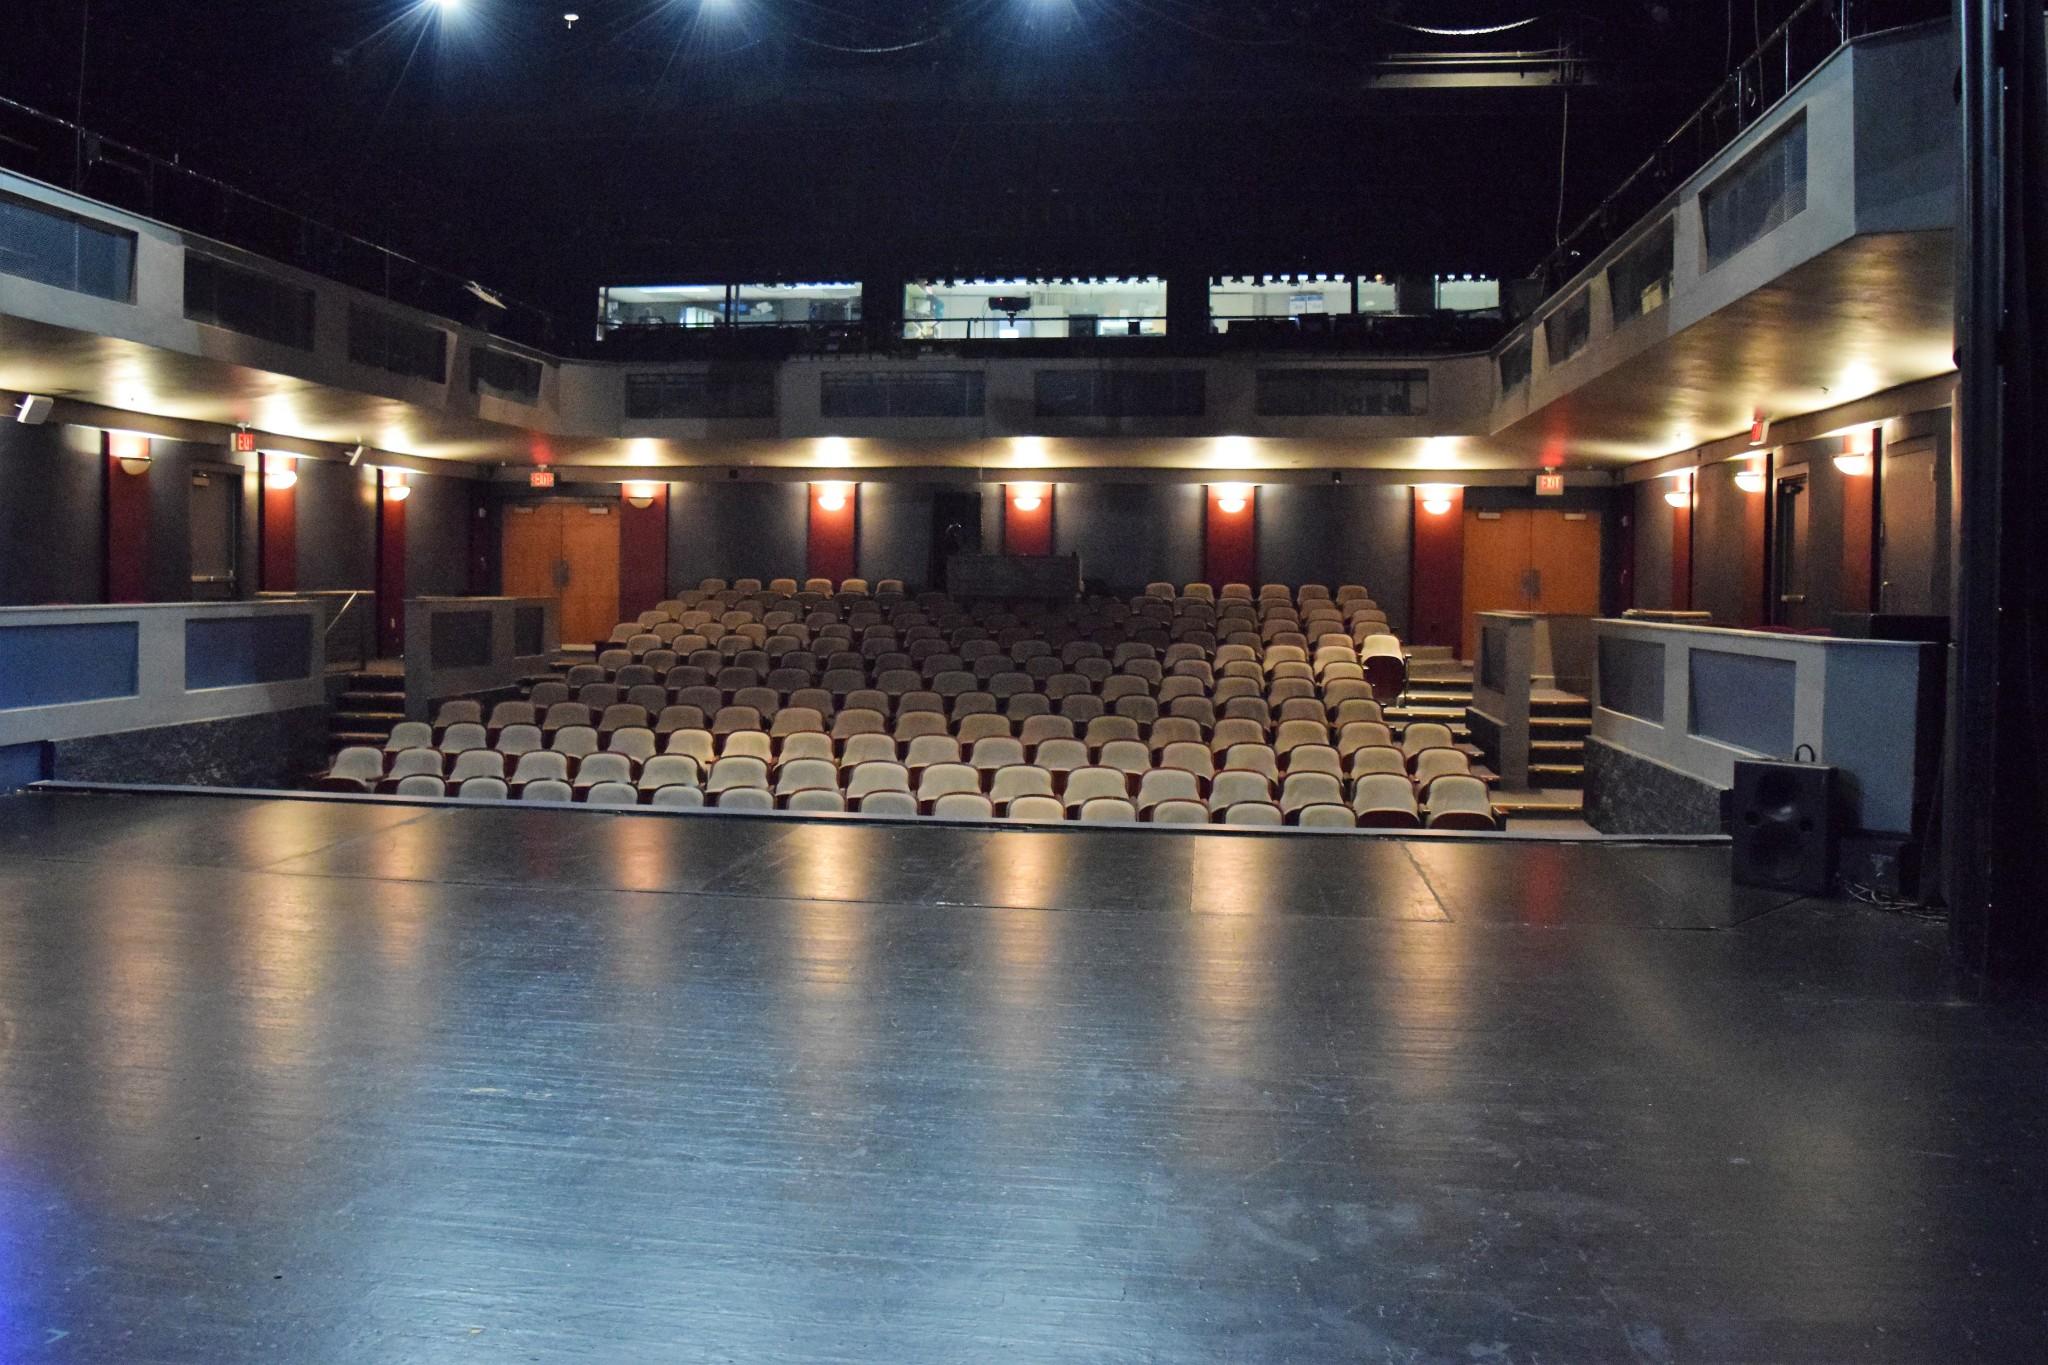 Facilities Department Of Theatre